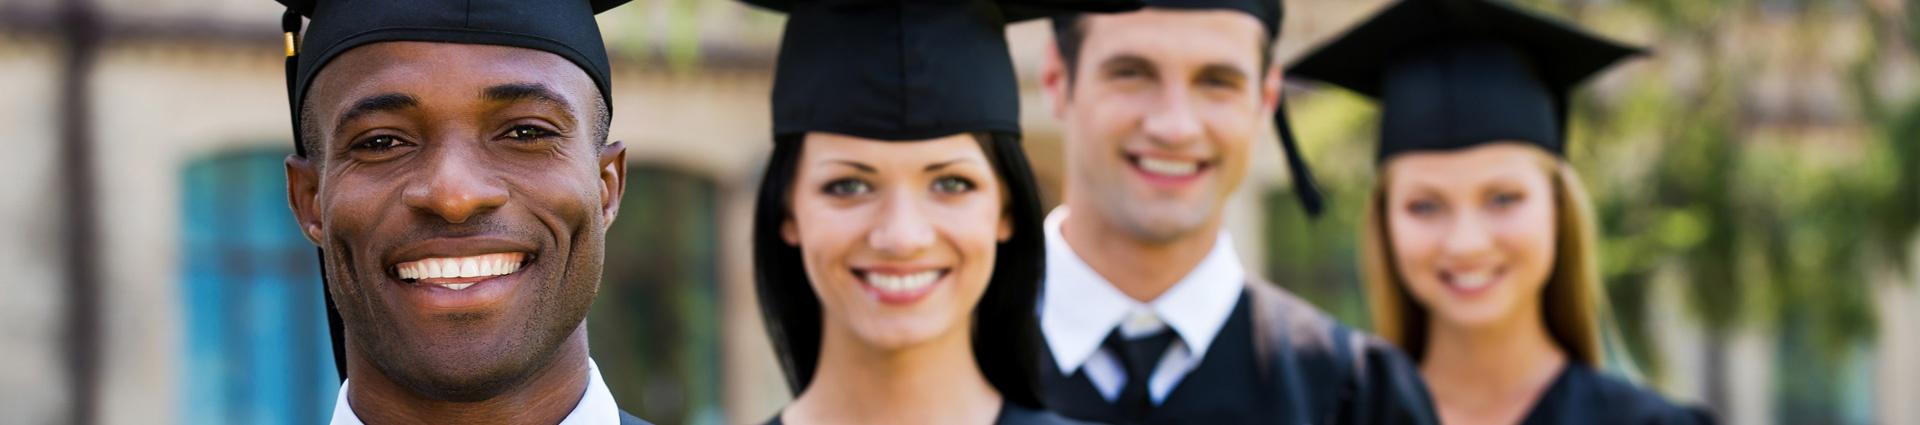 Higher-Ed-Recruitment_v1.jpg